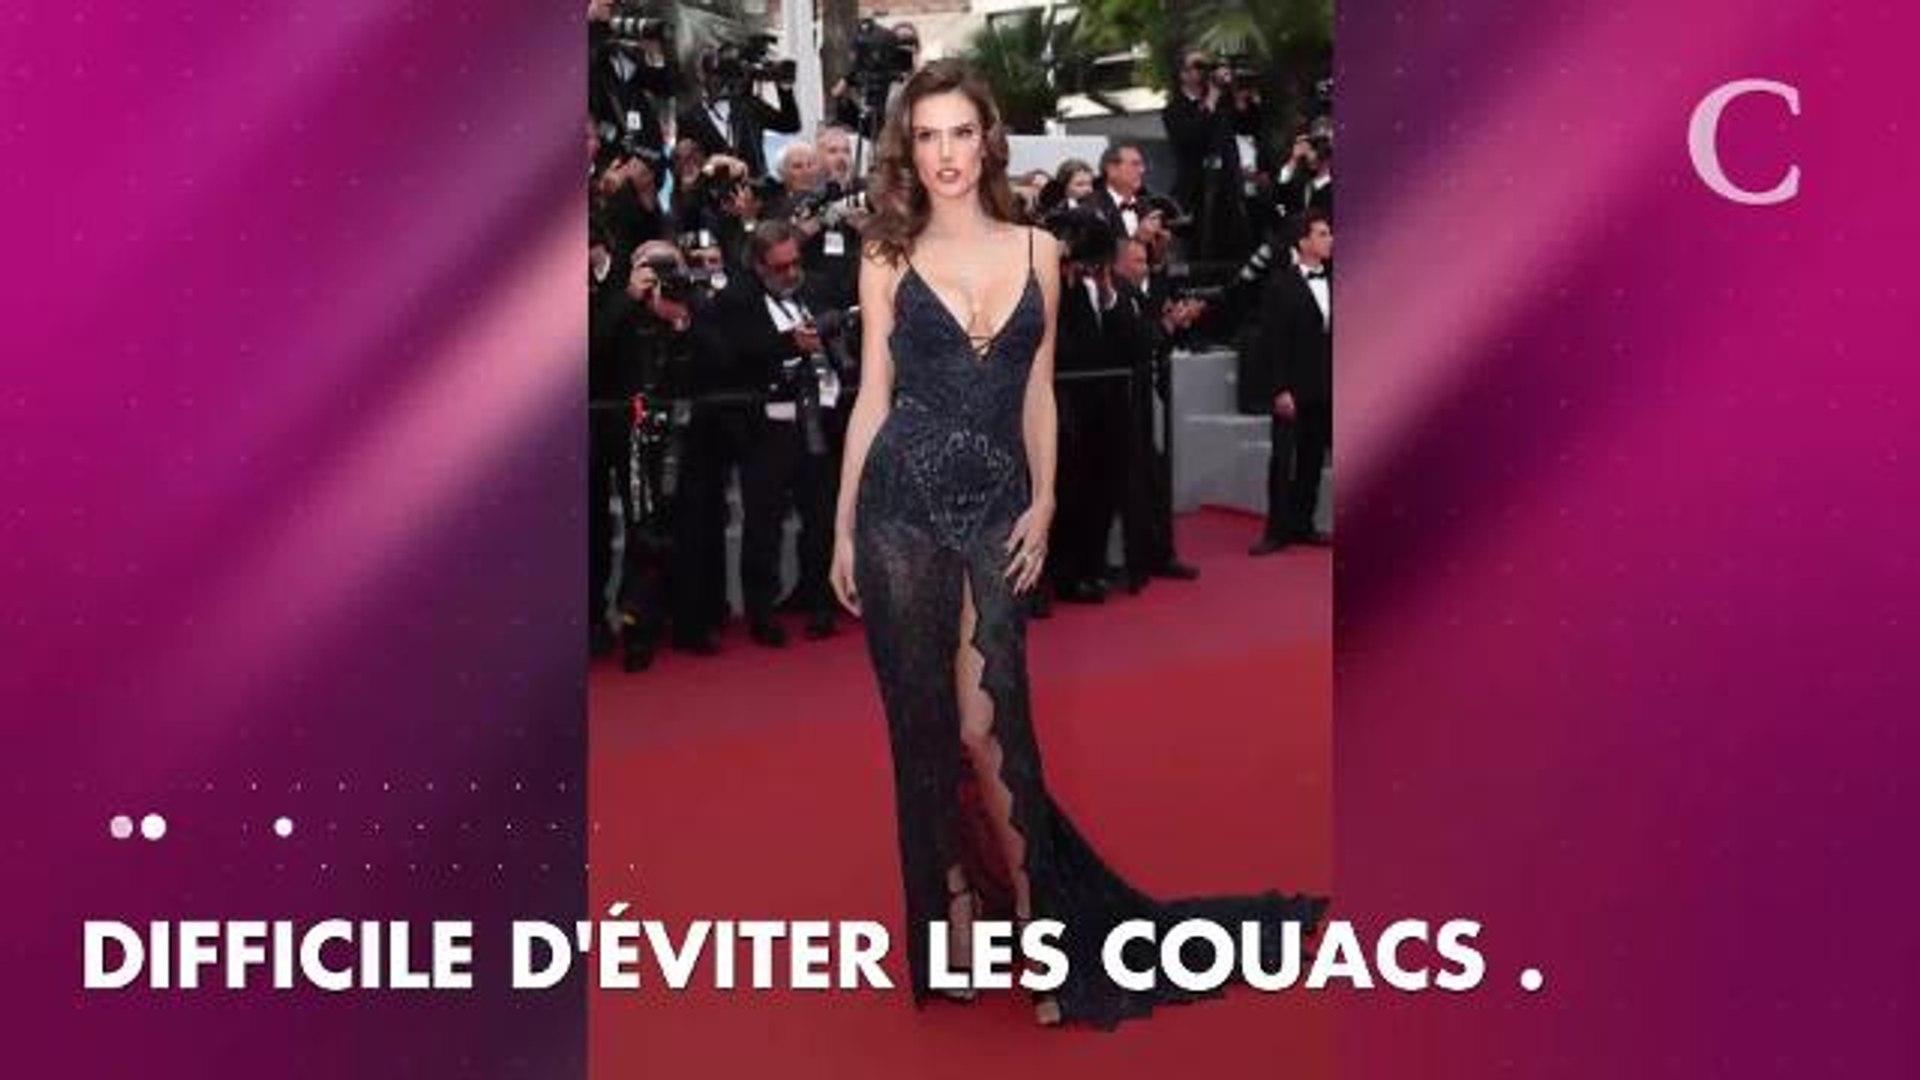 PHOTOS. Cannes 2018 : ce que les stars portent en dessous de leurs robes transparentes